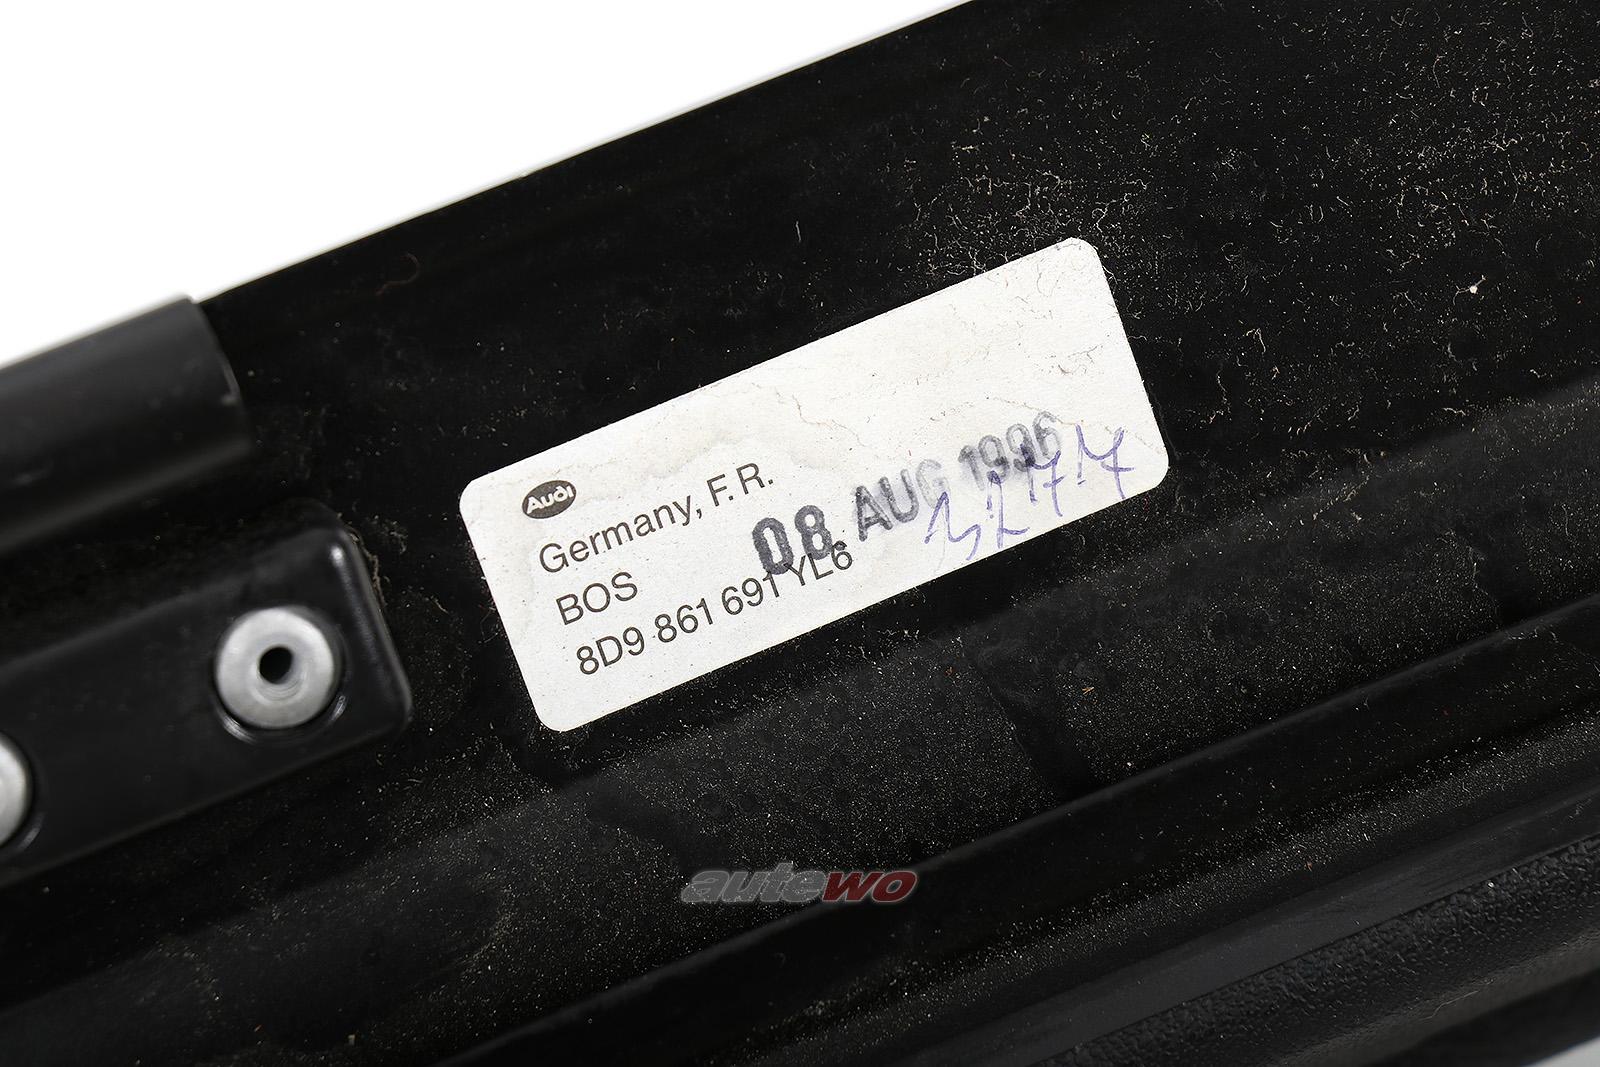 8D9861691 Audi A4 B5 Avant Netztrennwand YL6 anthrazit